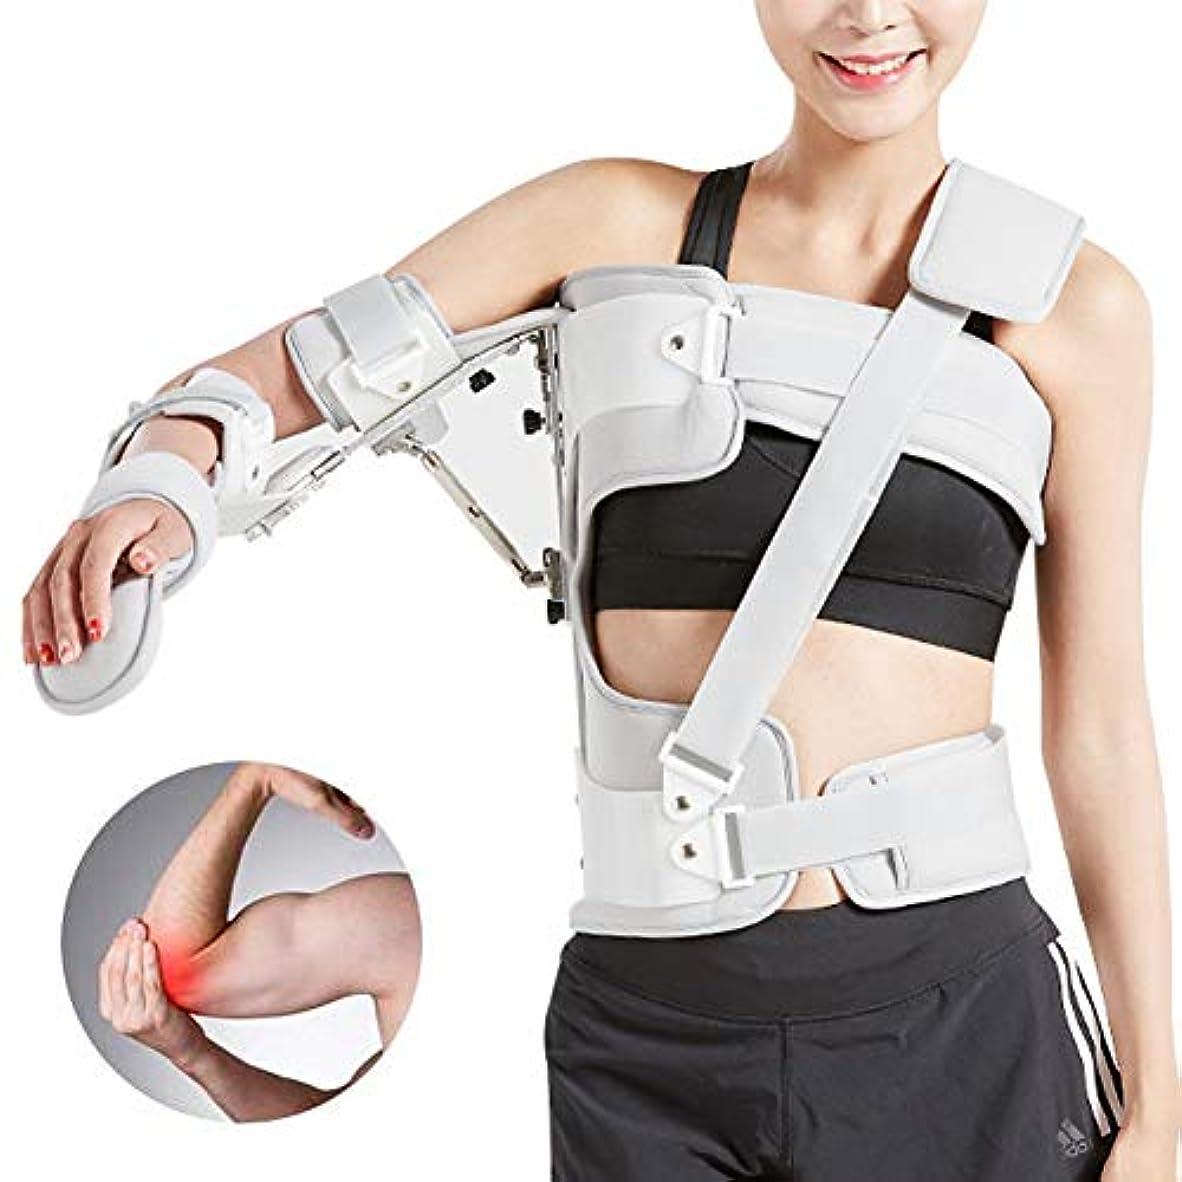 概念バッチ申し込む調節可能なアームスリング外転枕骨折肘サポートブレース、傷害回復アーム固定、転位回旋腱板滑液包炎腱炎、ワンサイズ - ユニセックス